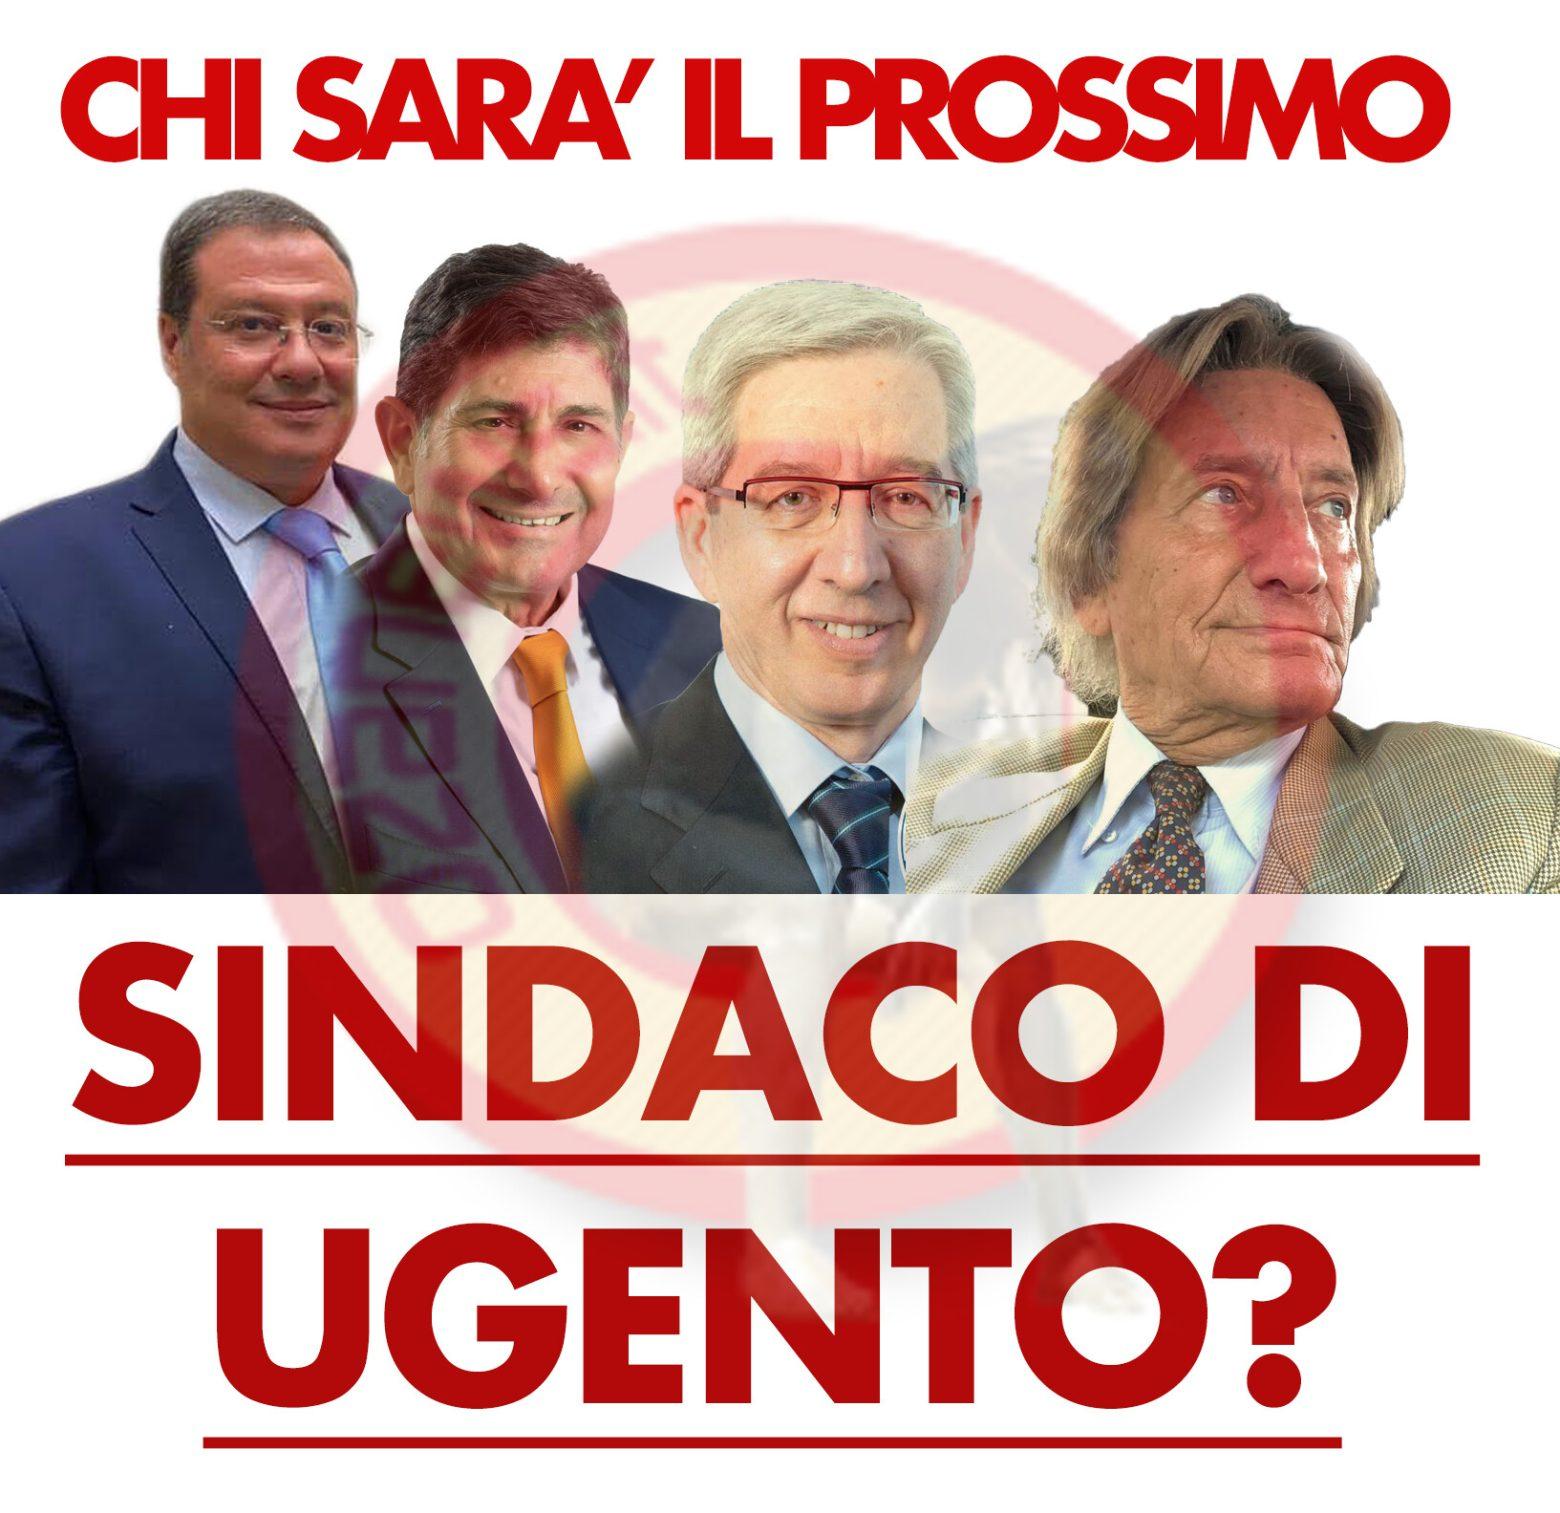 SINDACO_UGENTO